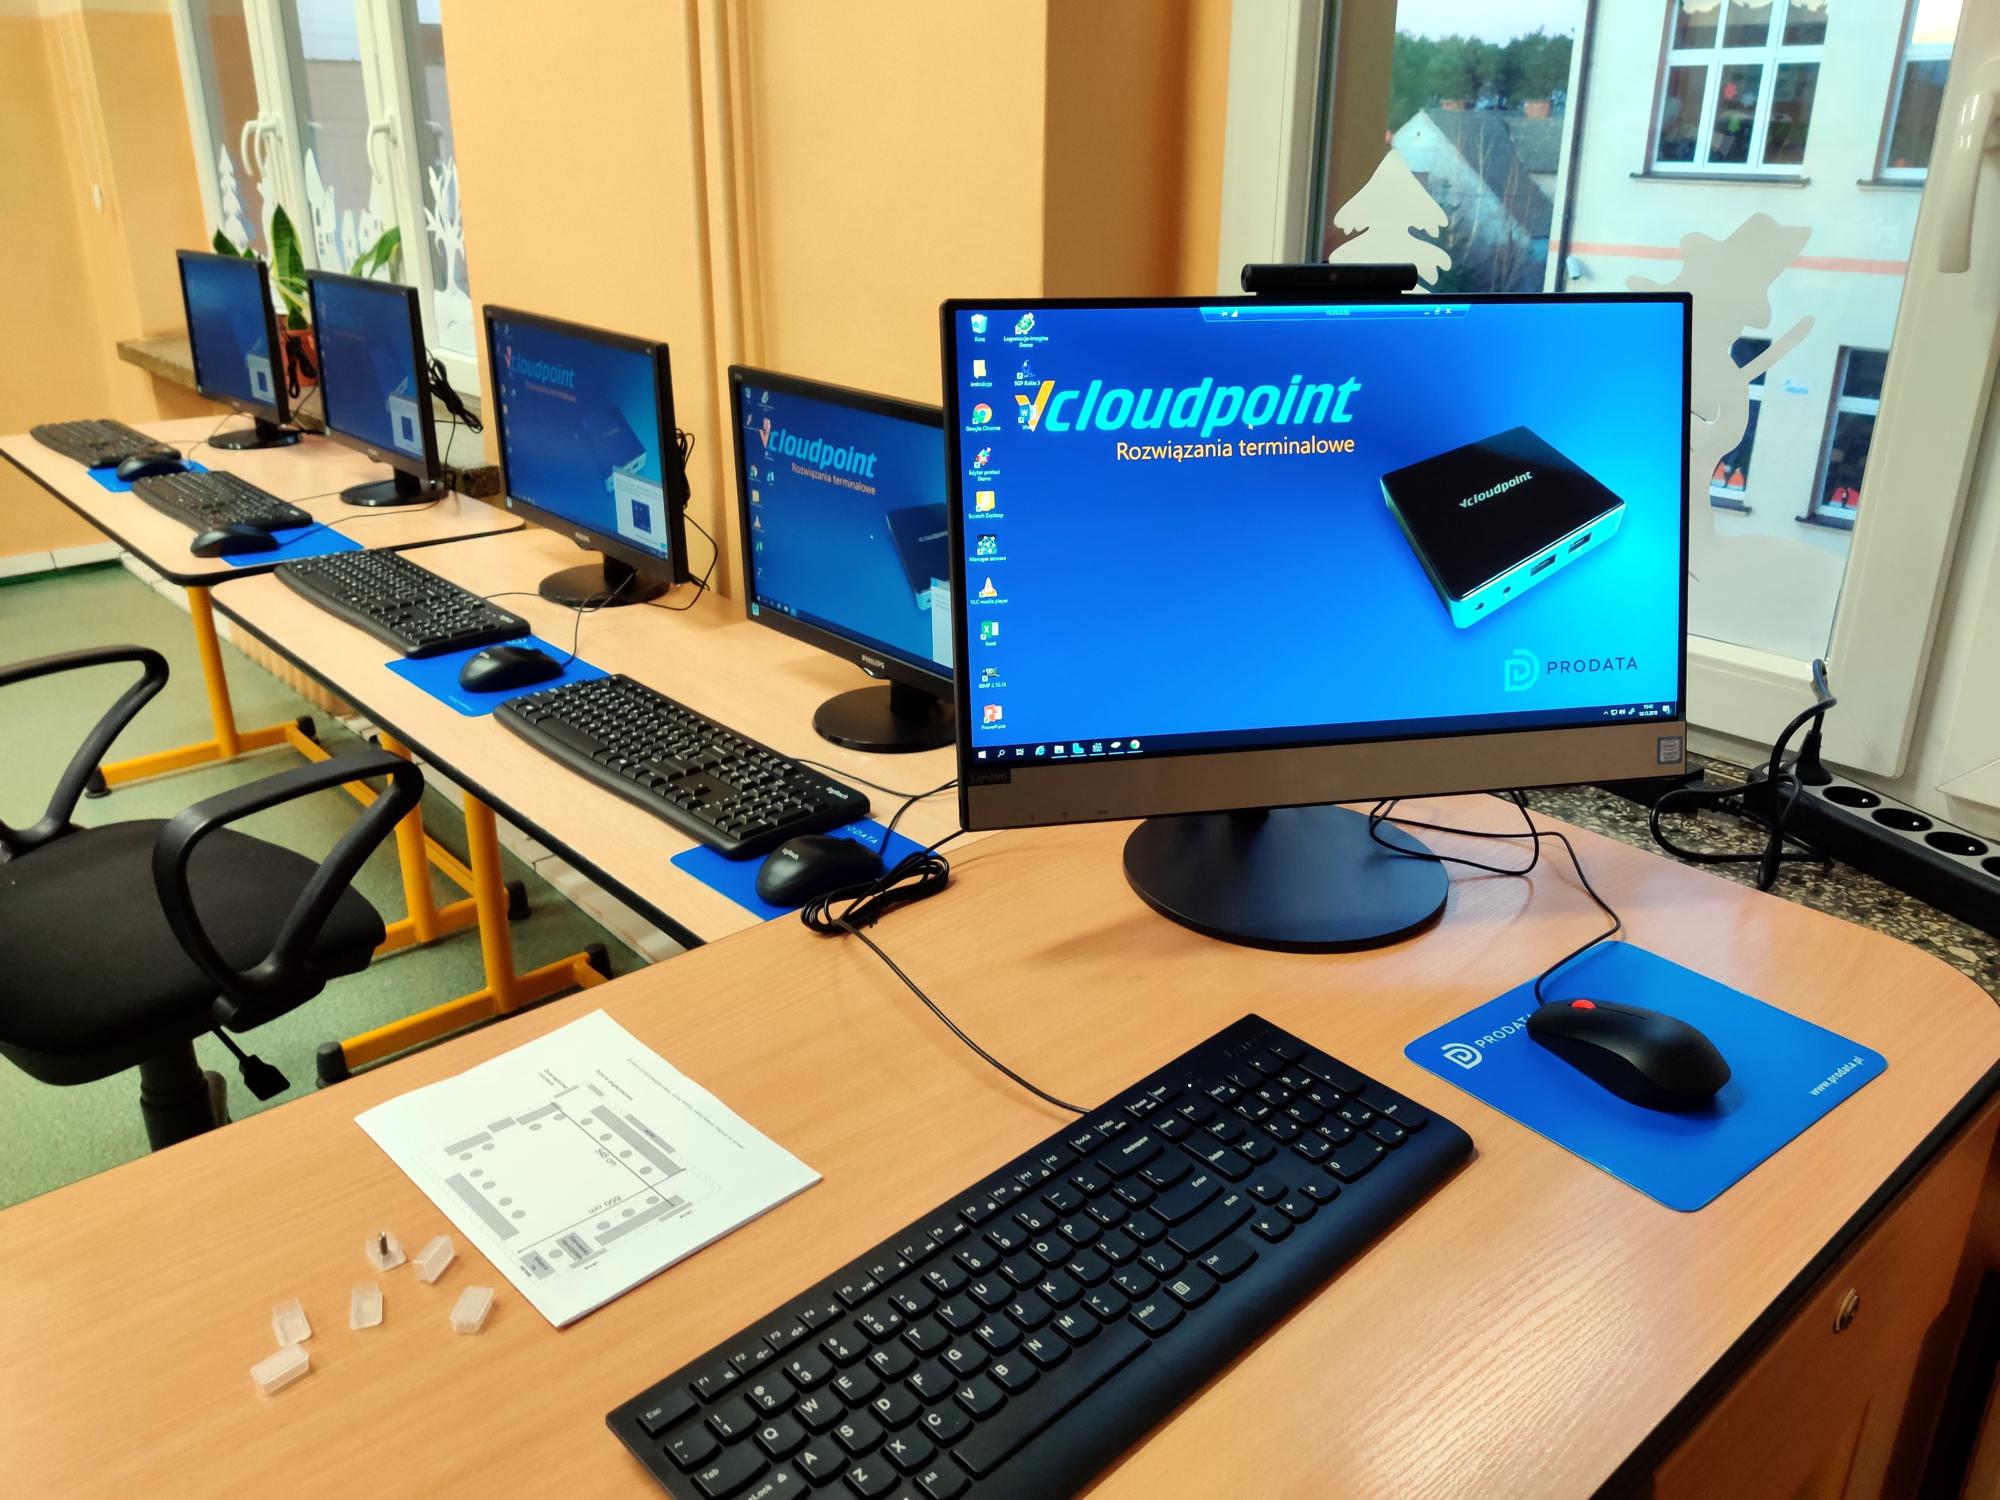 Nowy Tomyśl SP2 - szkolna pracownia komputerowa - terminale vCloudPoint